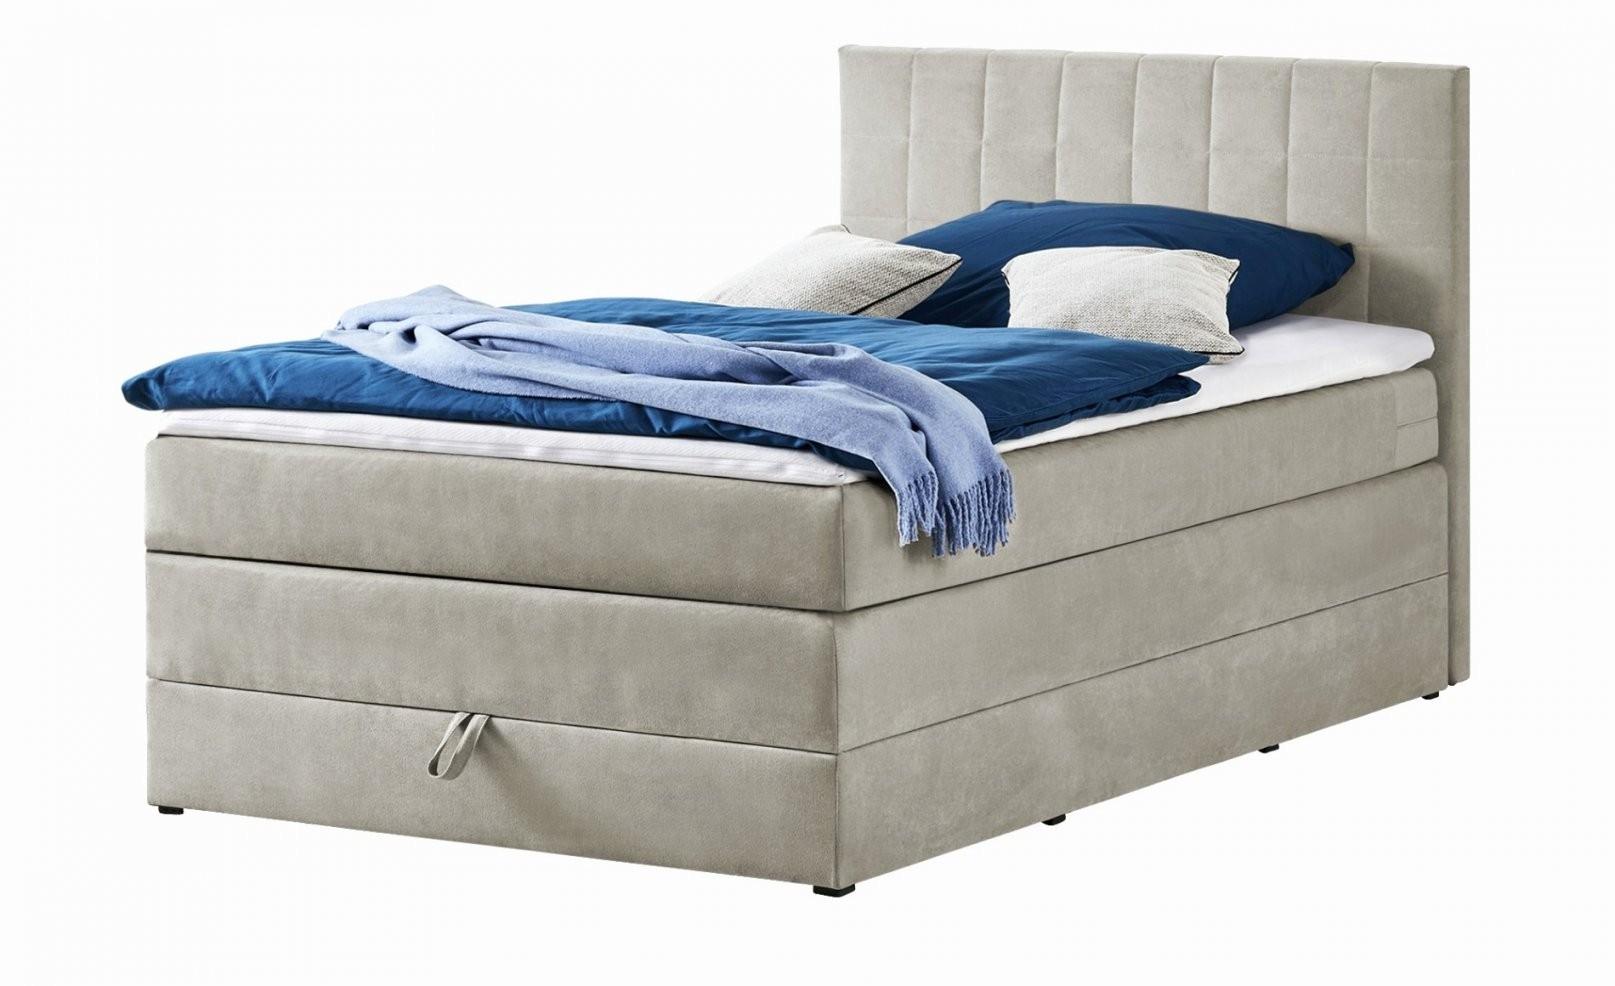 Gallery Of Bett 120200 Gebraucht Genial Bett 120200 Weis Mit von Bett 120X200 Gebraucht Bild